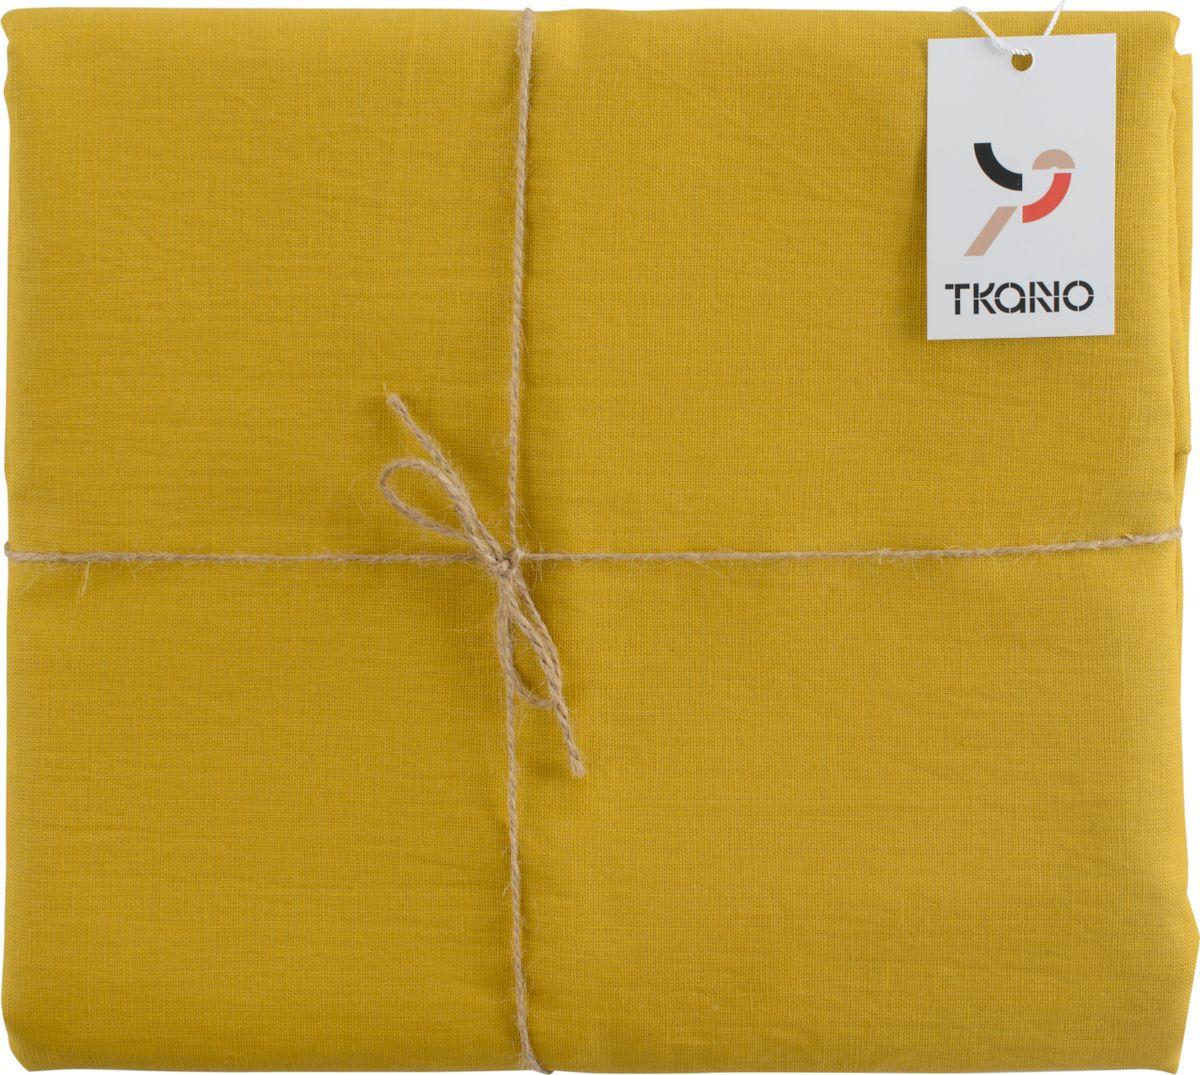 Скатерть Tkano Essential, TK18-TС0014, с декоративной обработкой, горчичный, 143 x 143 см